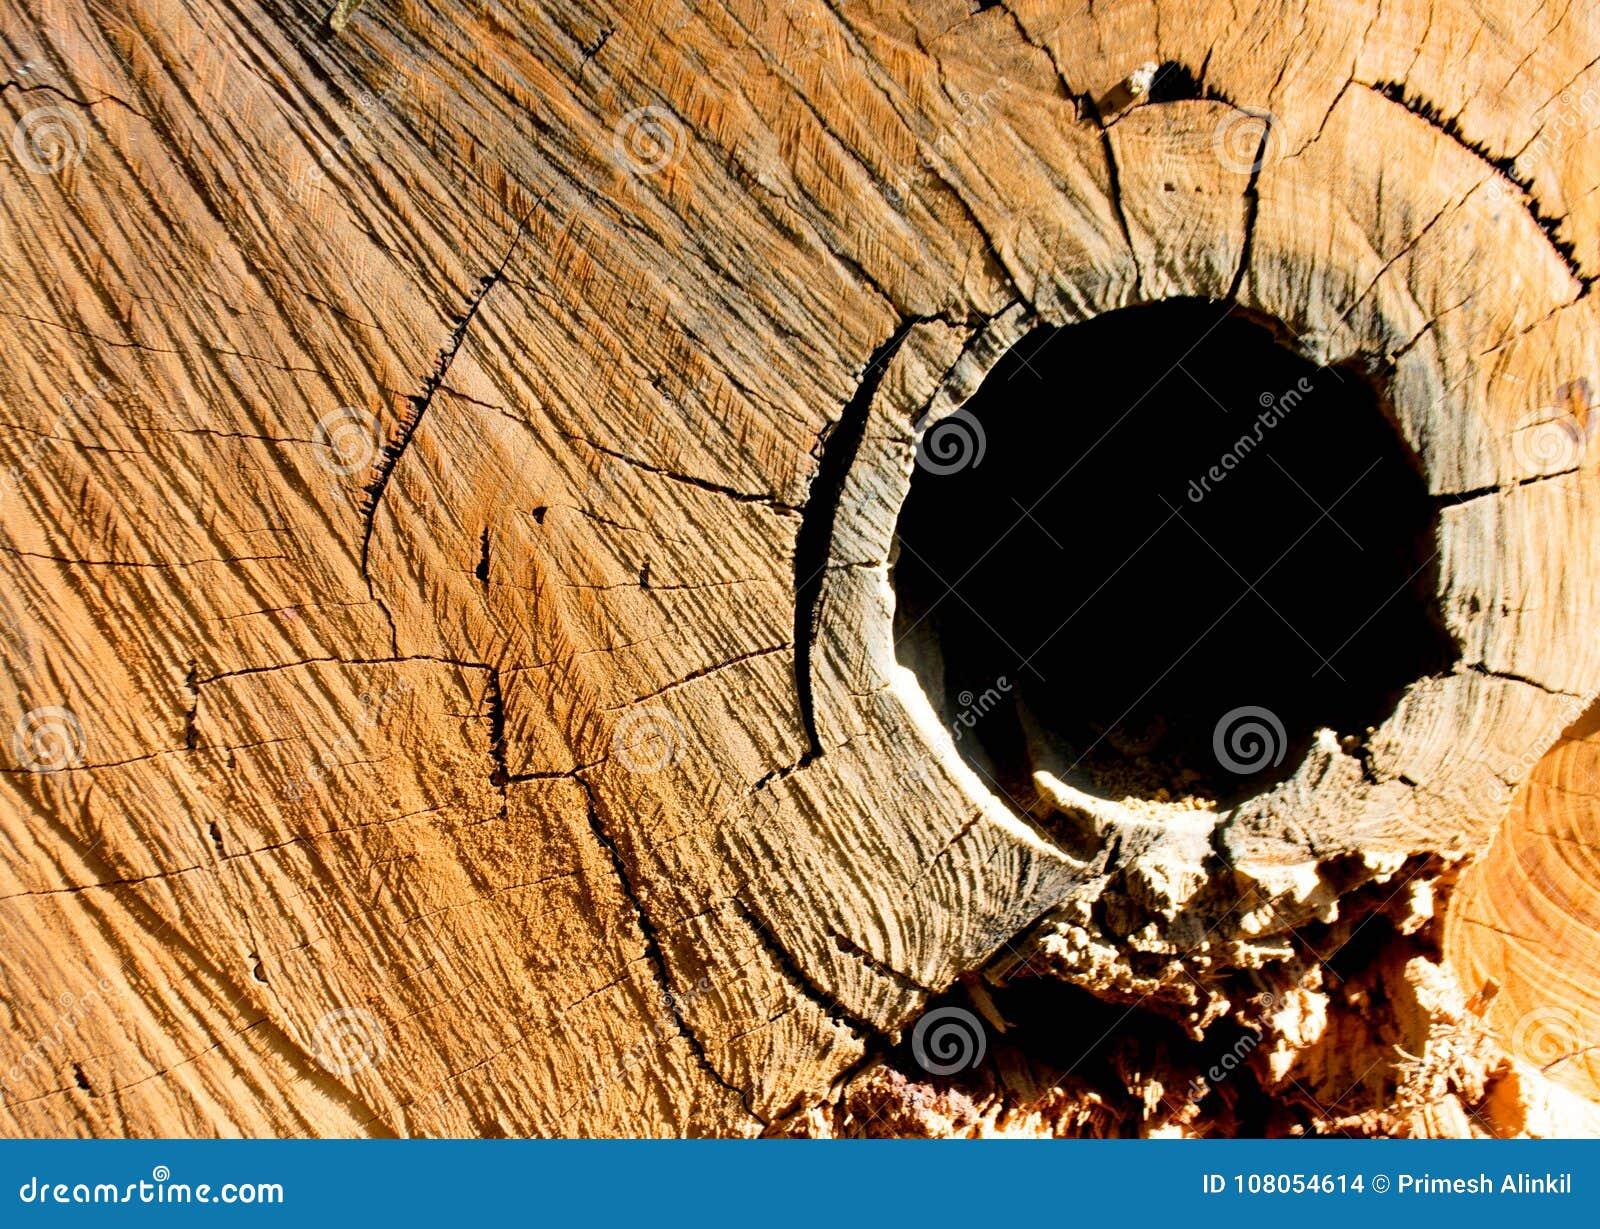 Textura dos anéis de árvore do eucalipto o seção transversal